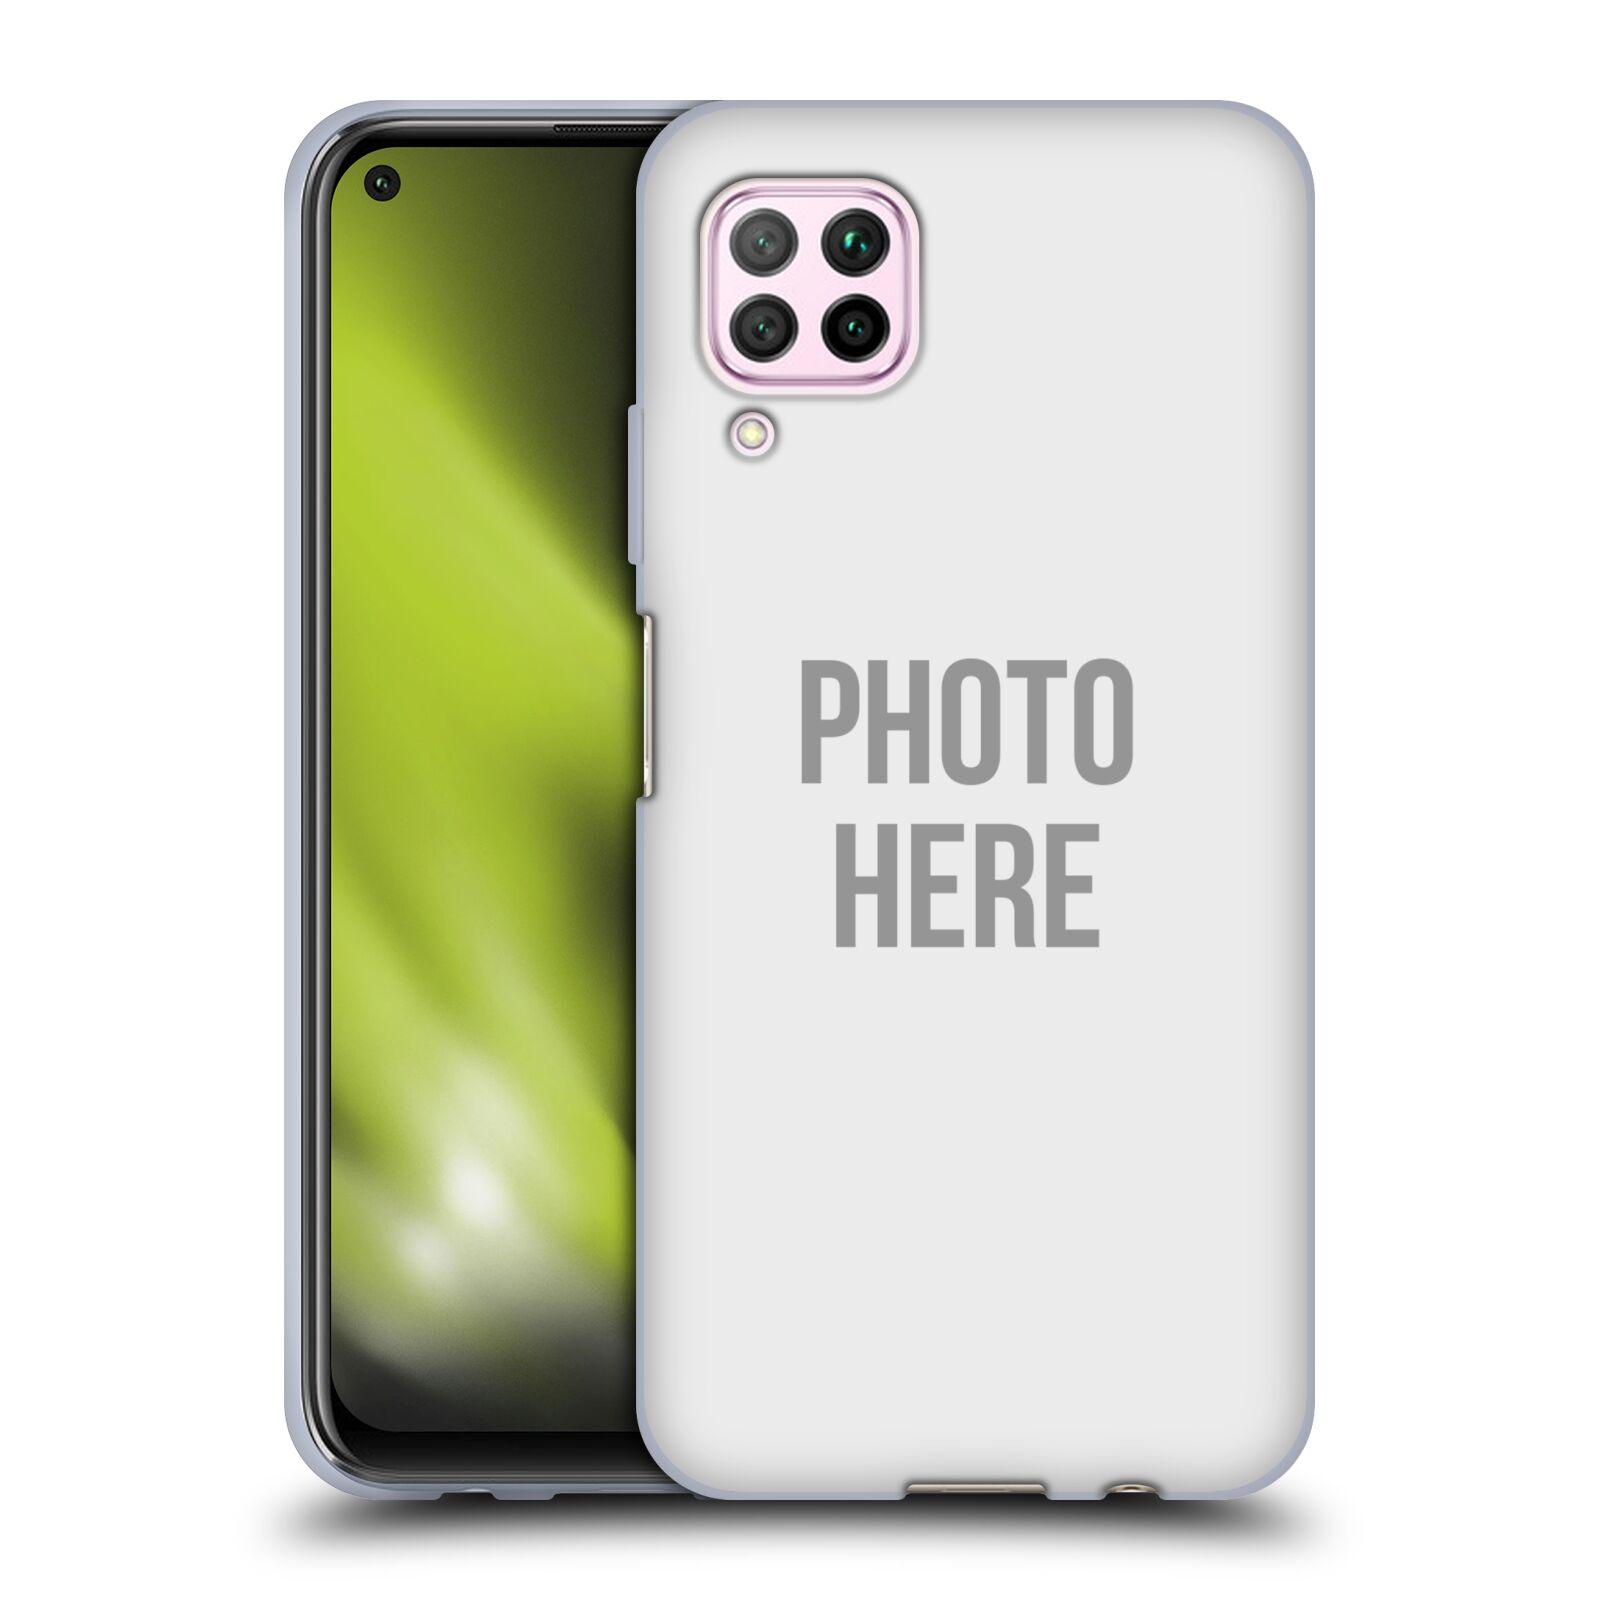 Silikonové pouzdro na mobil Huawei P40 Lite s vlastním motivem